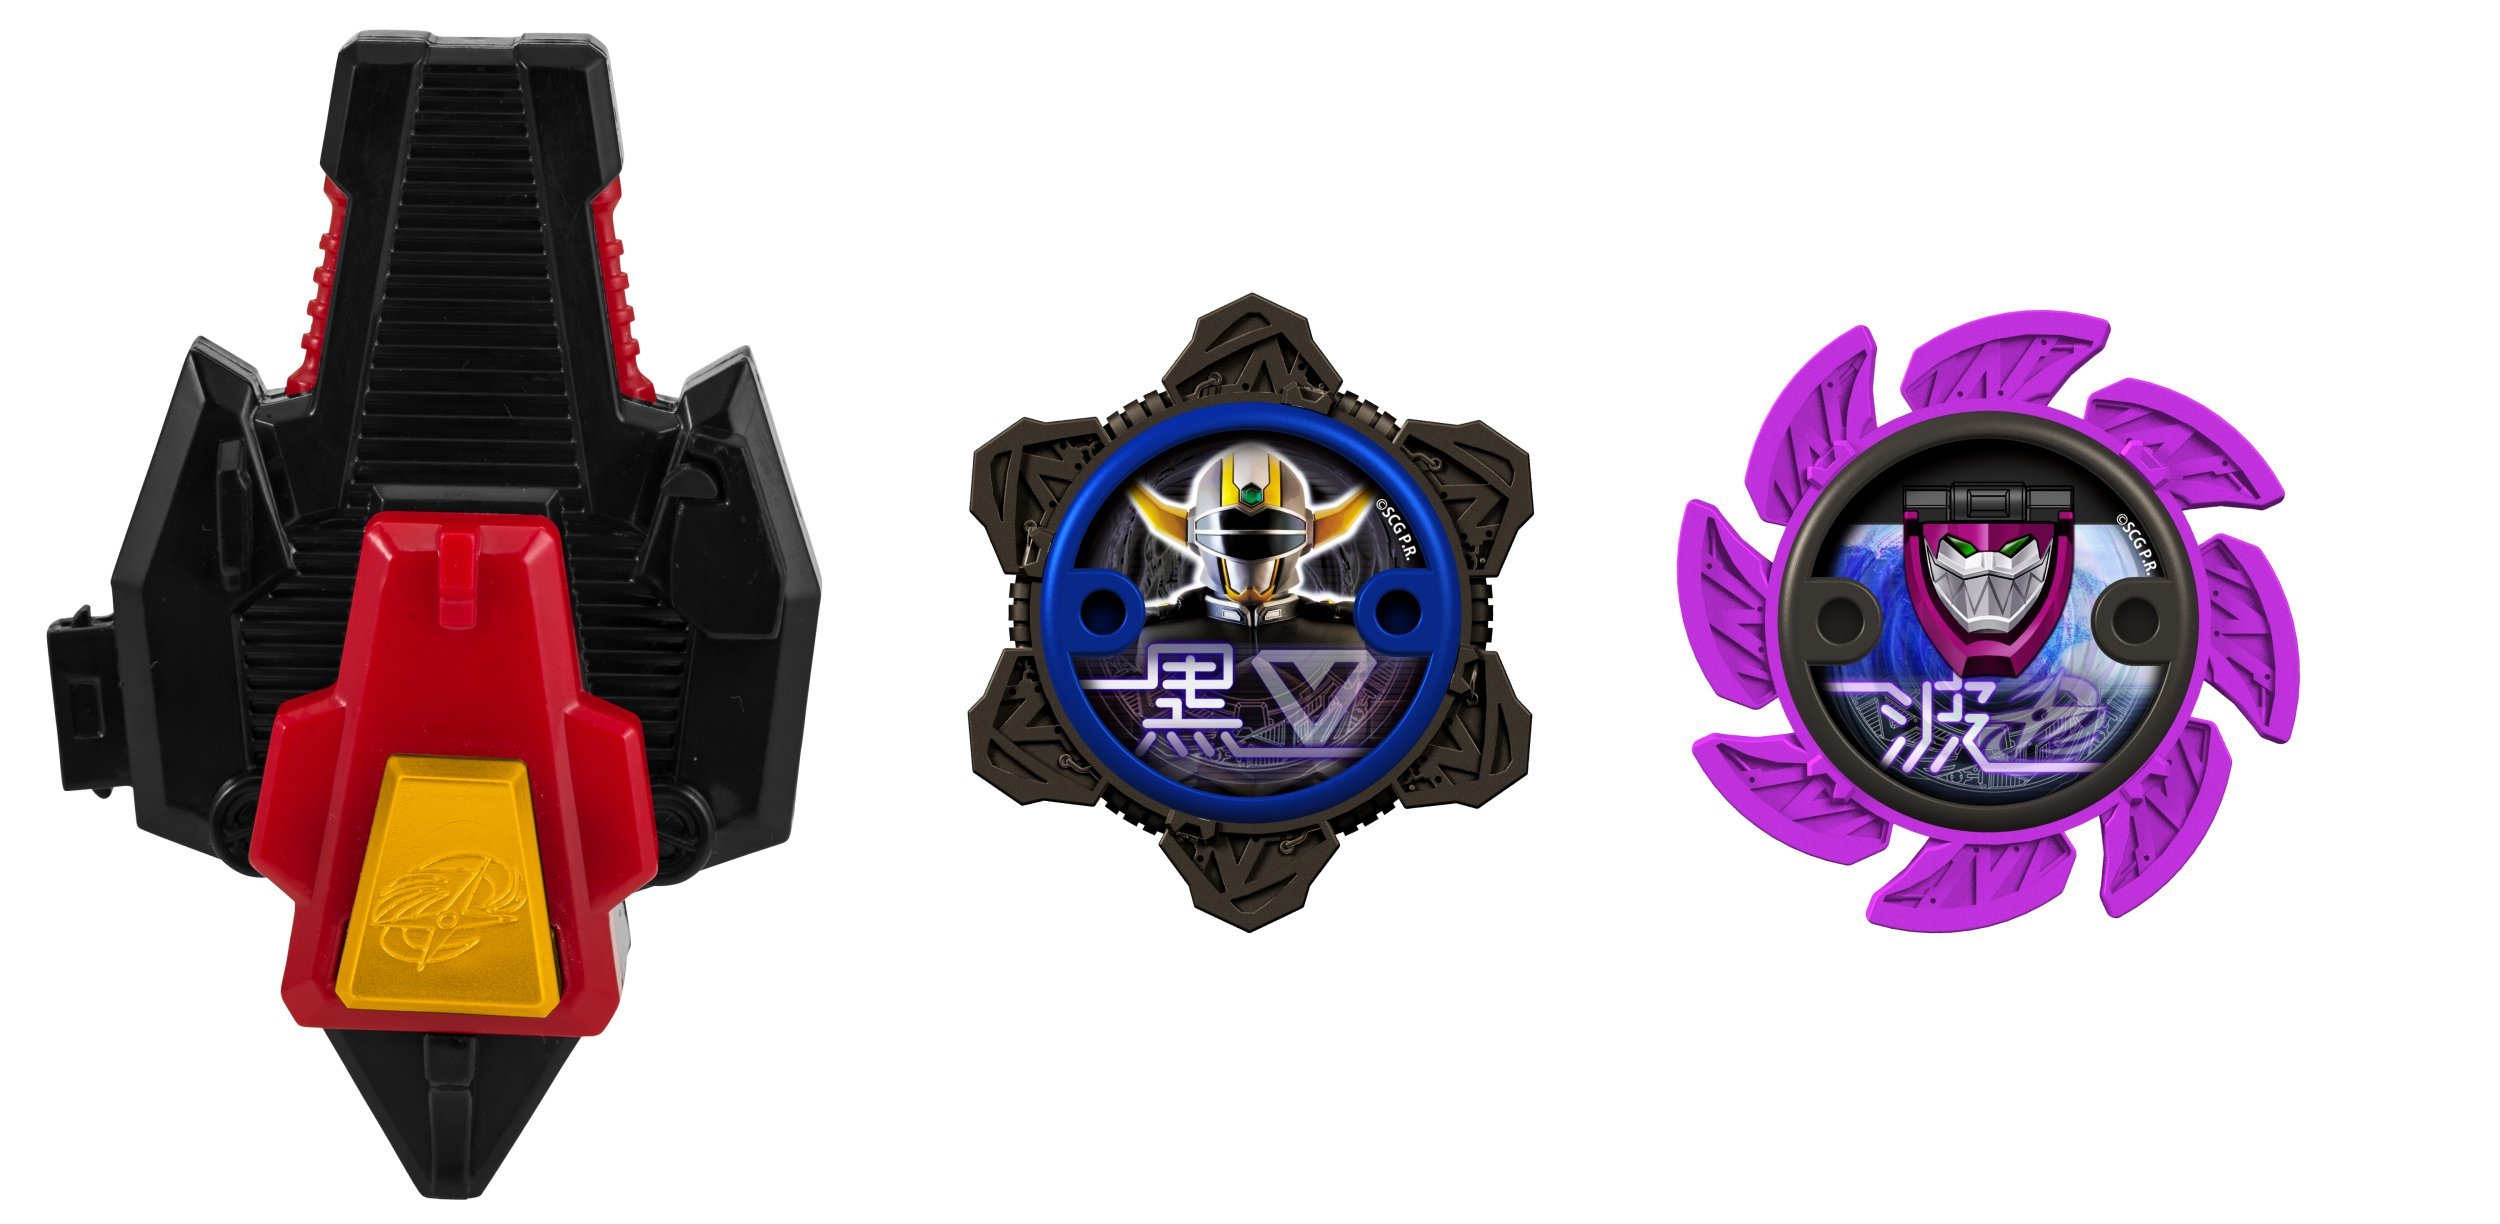 Power Rangers Super Steel Ninja Power Star Pack, Pink Ranger